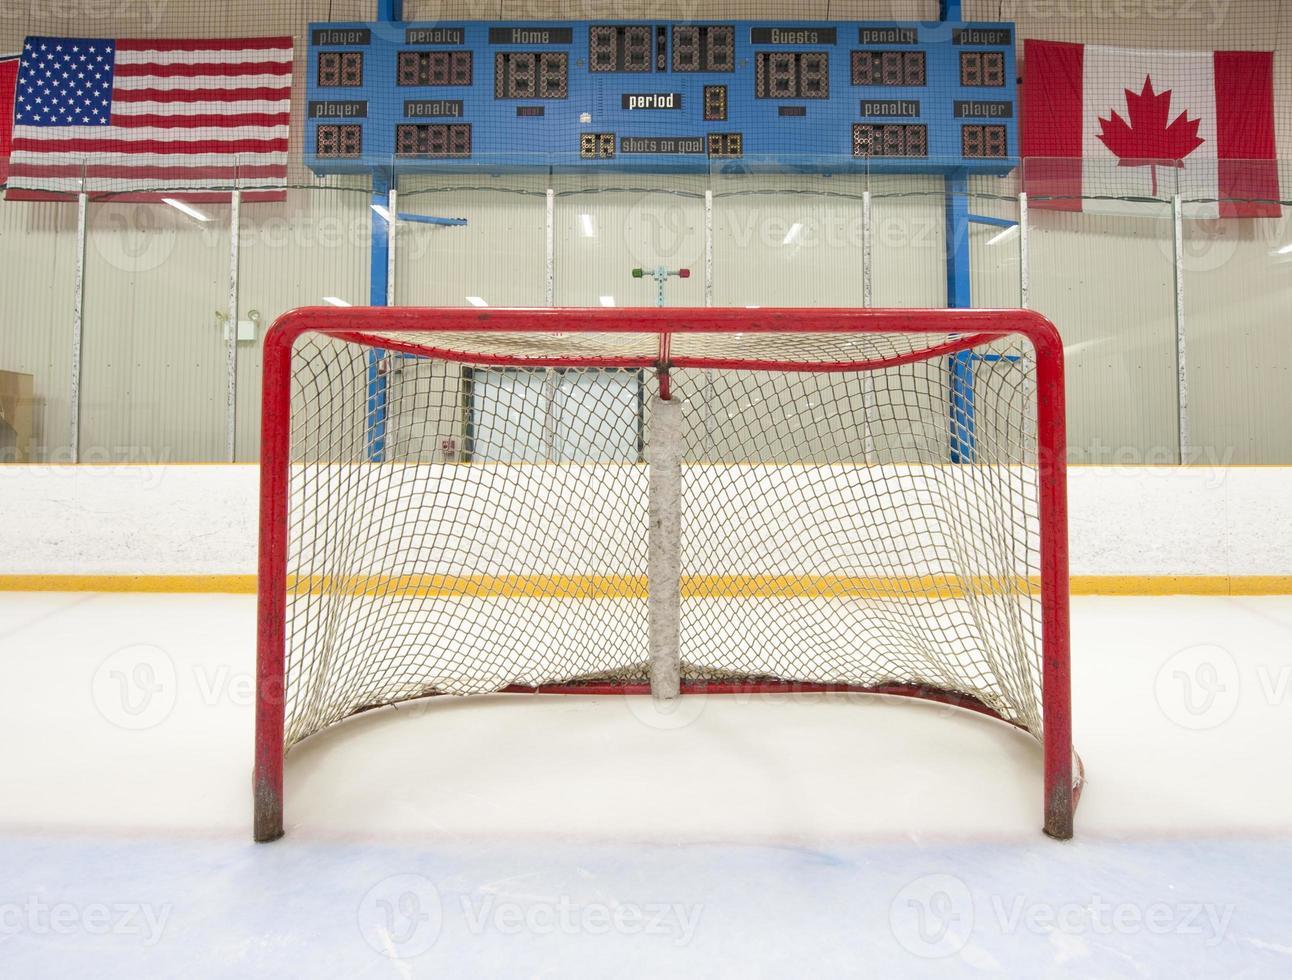 hockeynät med resultattavla foto